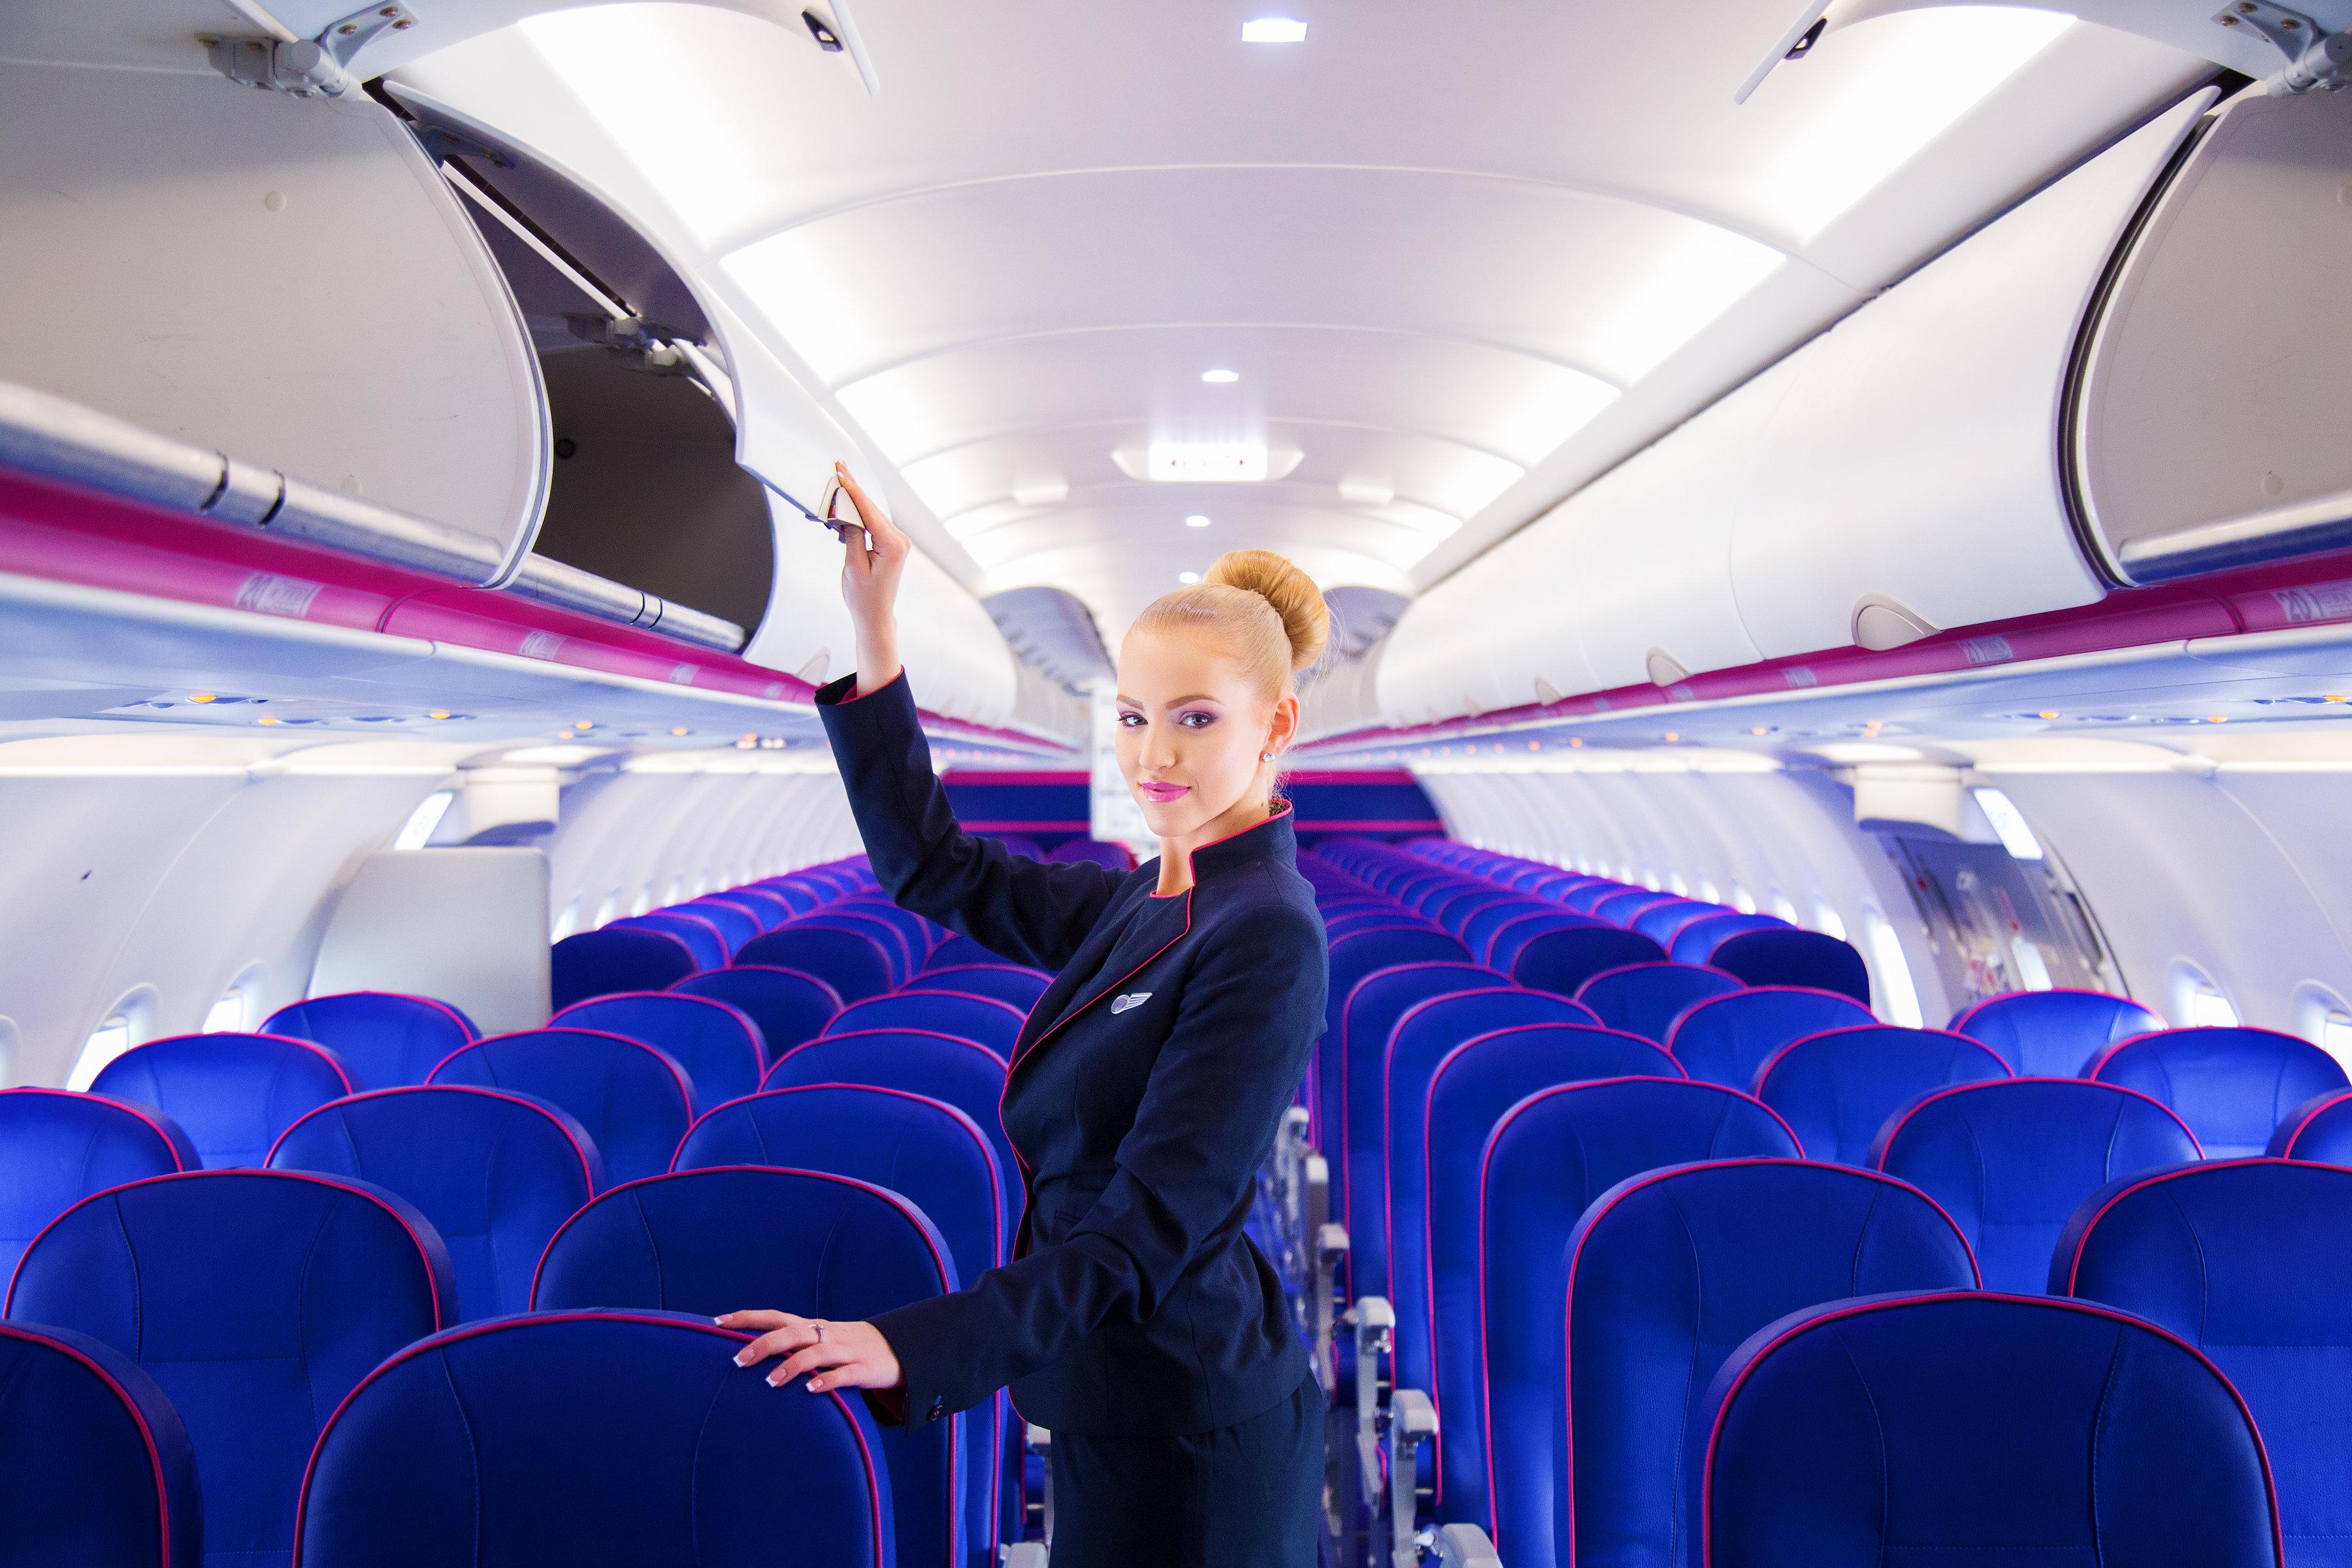 EXCLUSIV. Interviu cu Karina Voinea, Base Manager Wizz Air Bucuresti 2